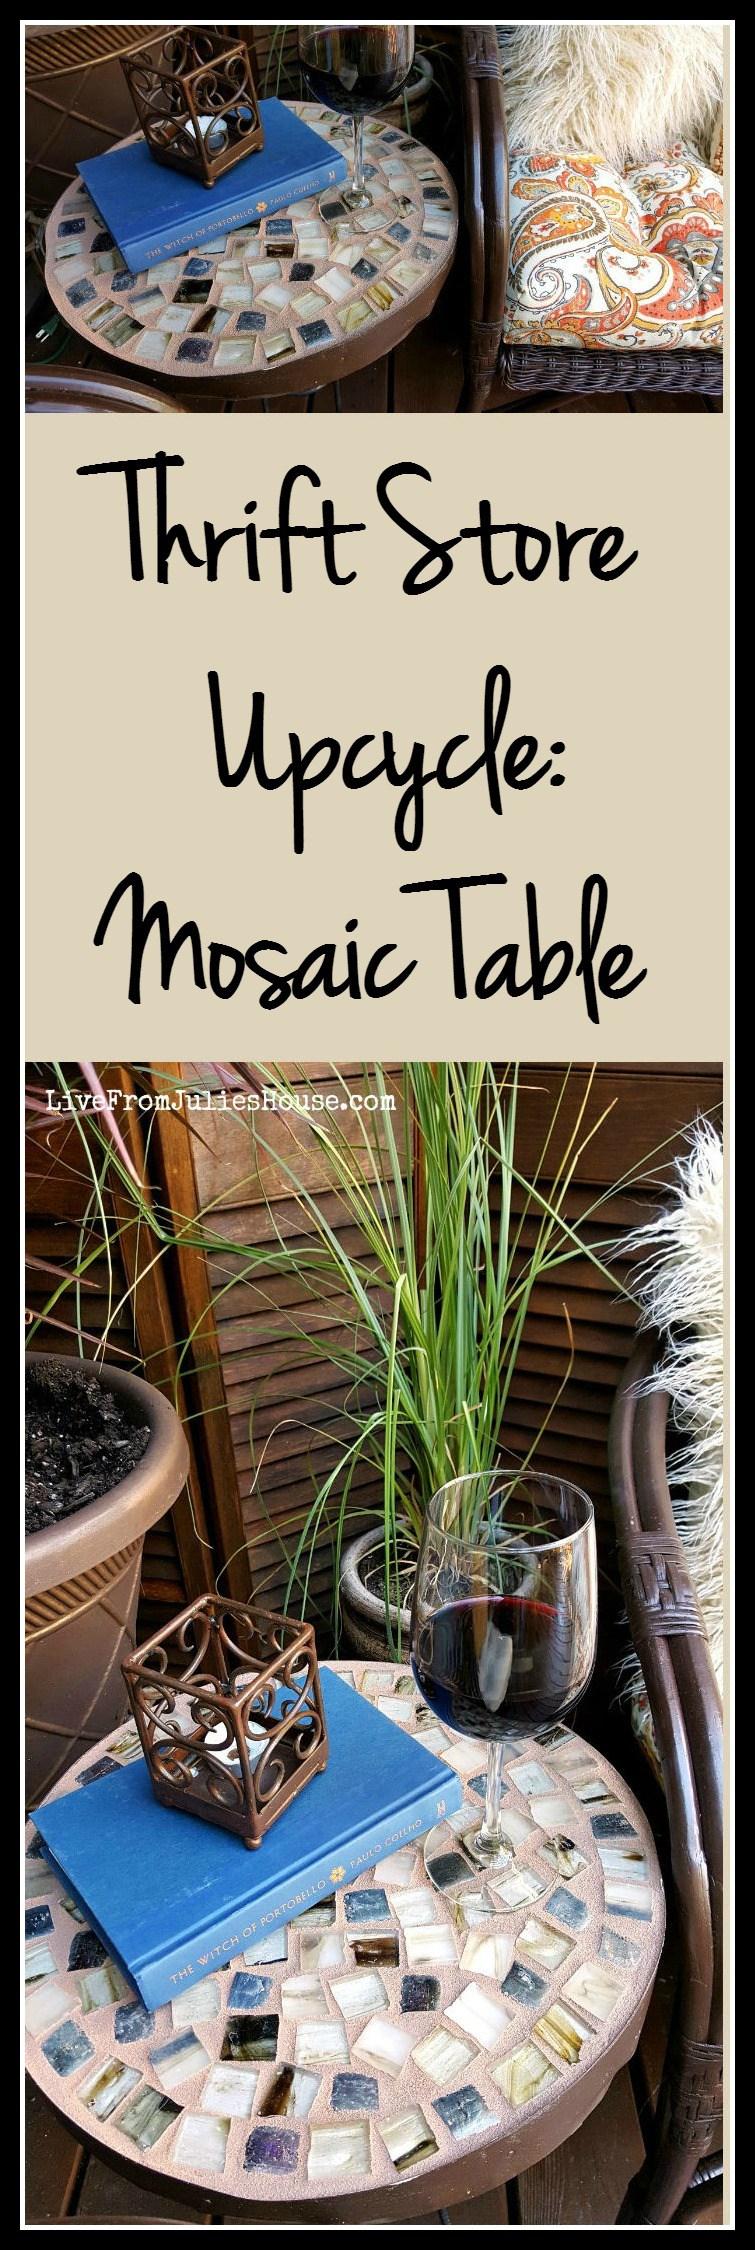 Thrift store challenge mosaic table juegos pinterest mesa de mosaico tiendas de segunda - Mesas mosaico segunda mano ...